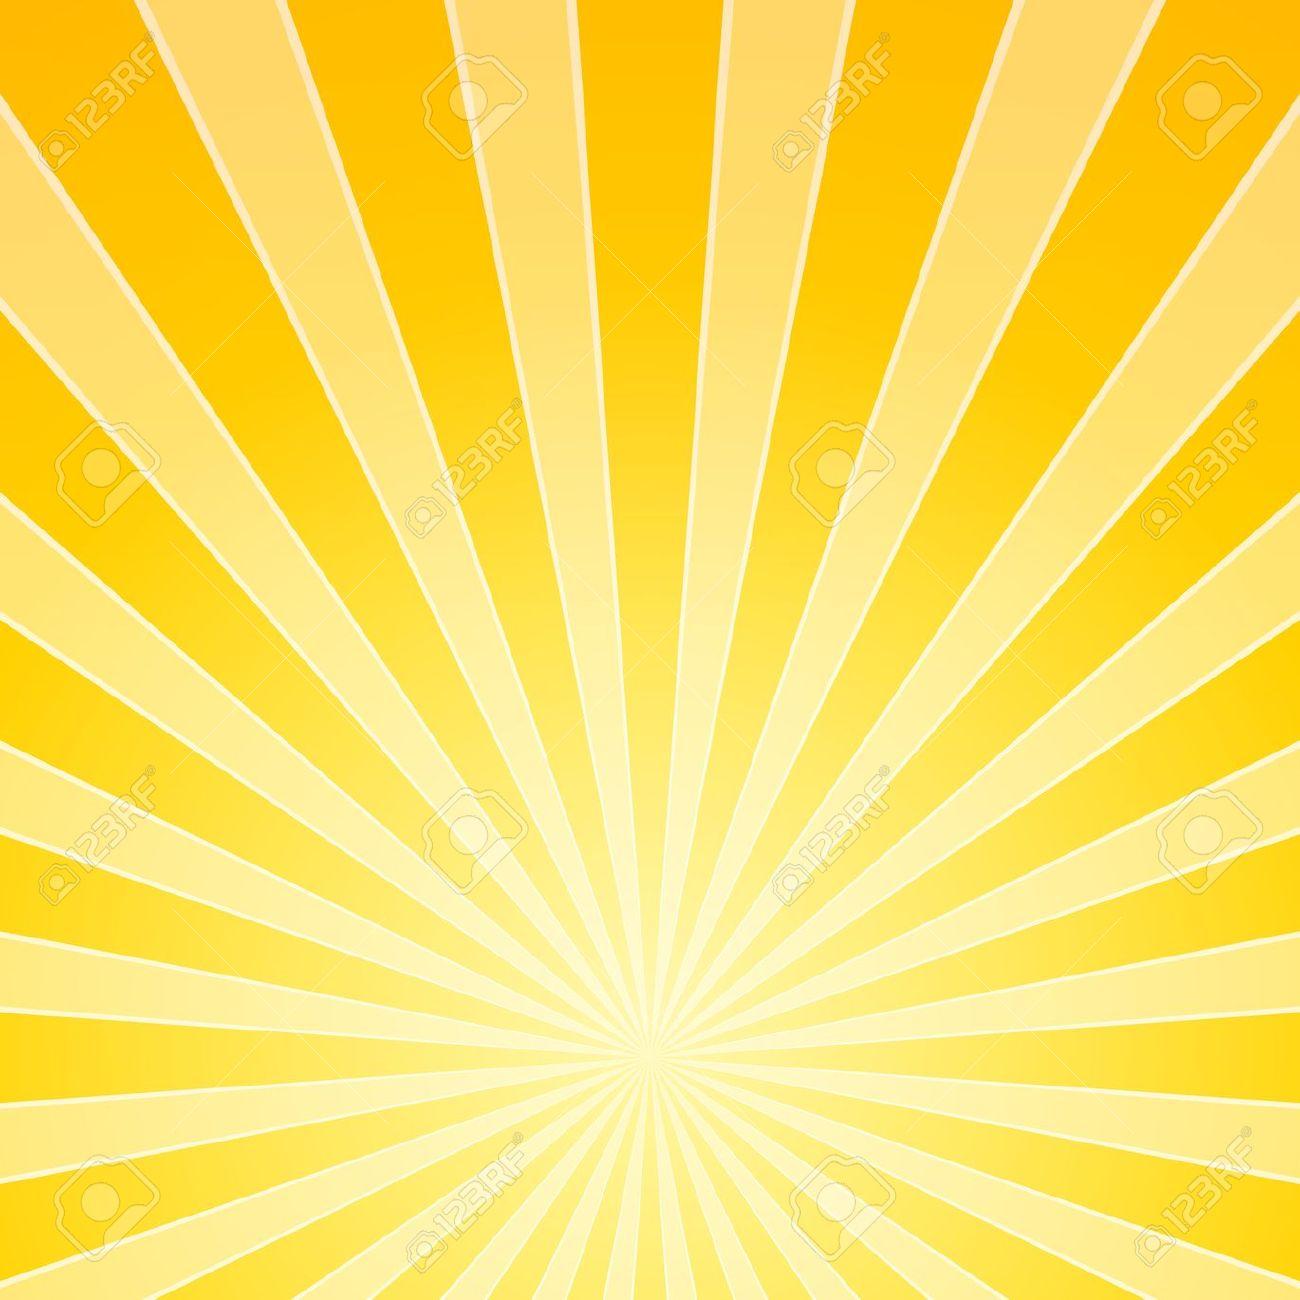 Yellow Rays.